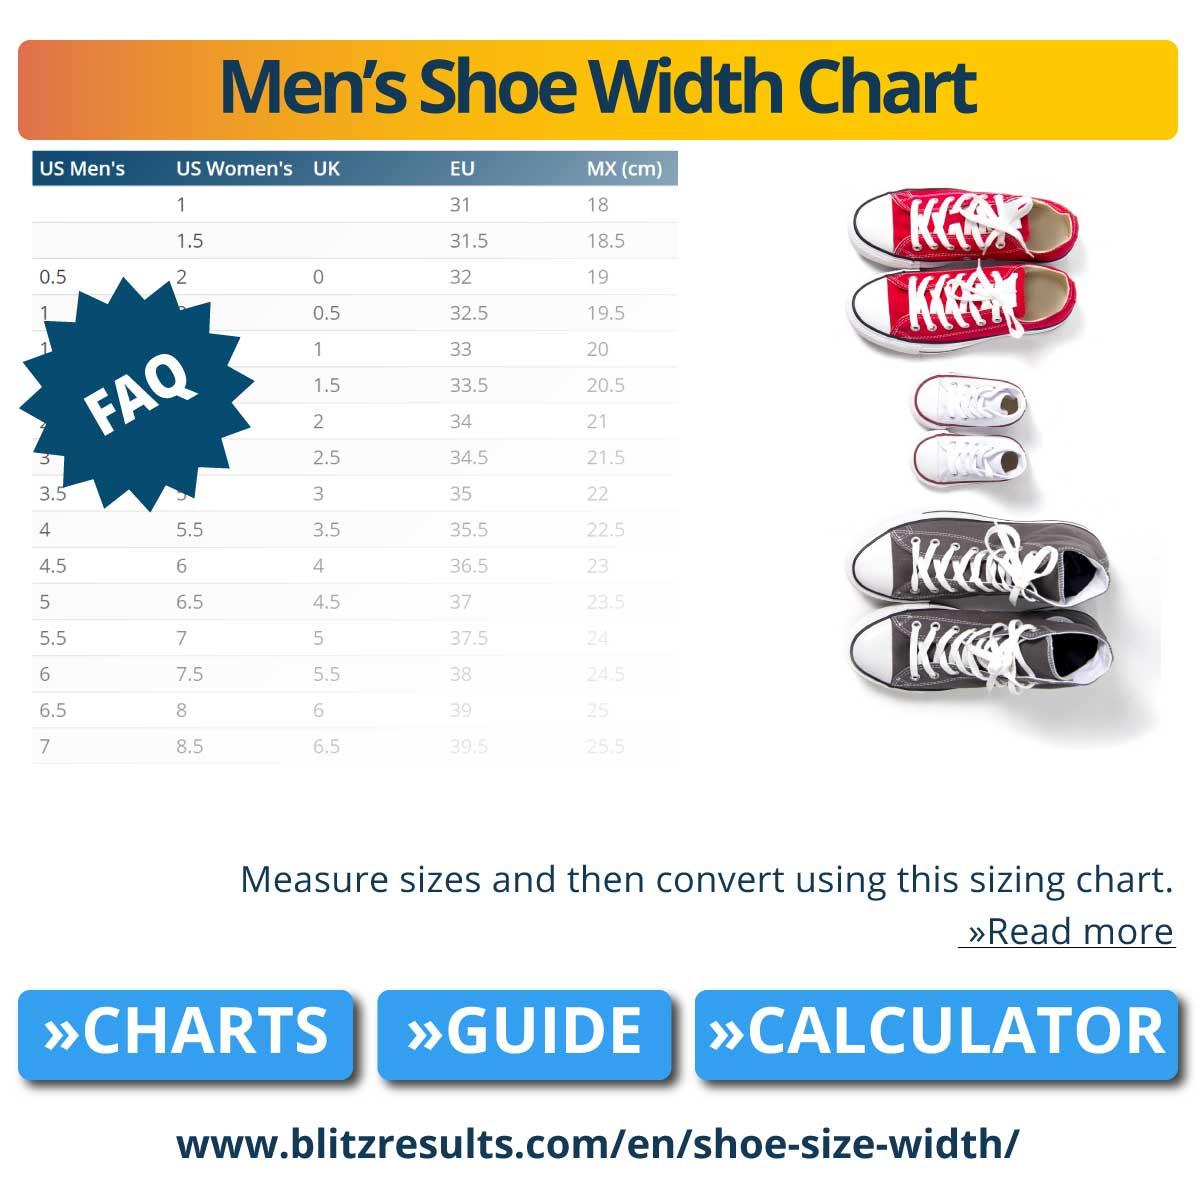 Men's Shoe Width Chart